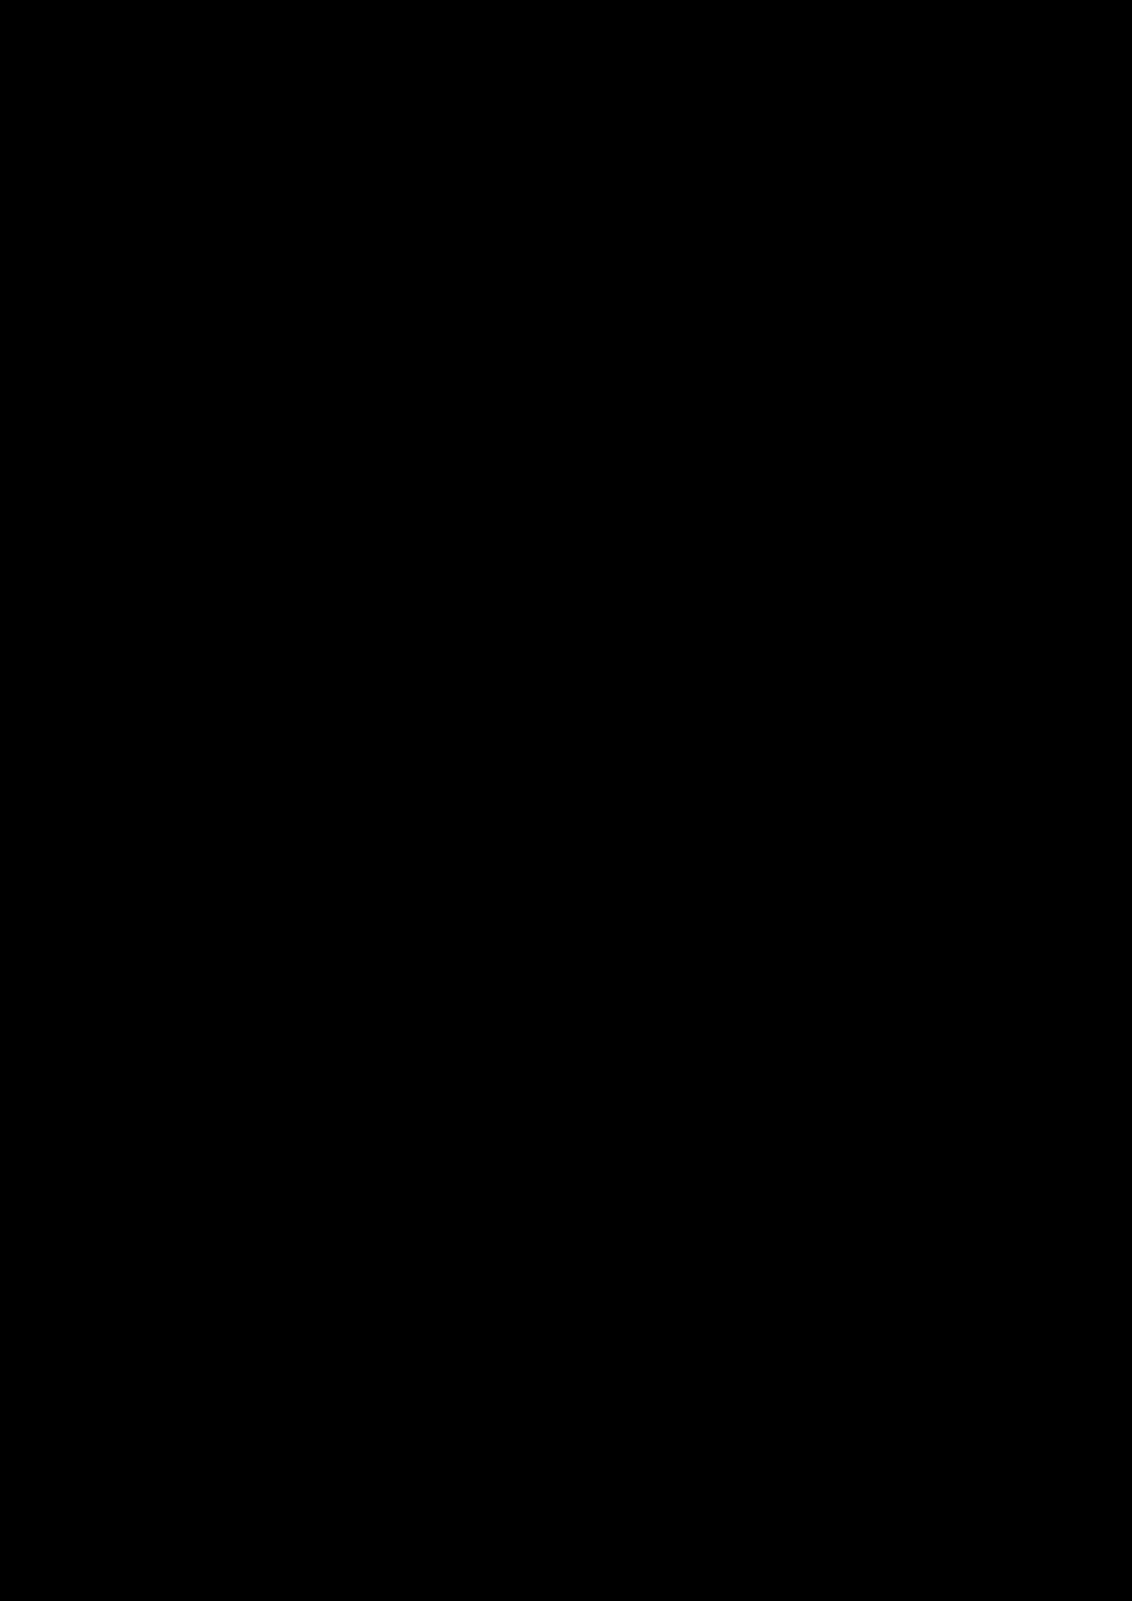 Proschanie s volshebnoy stranoy slide, Image 75